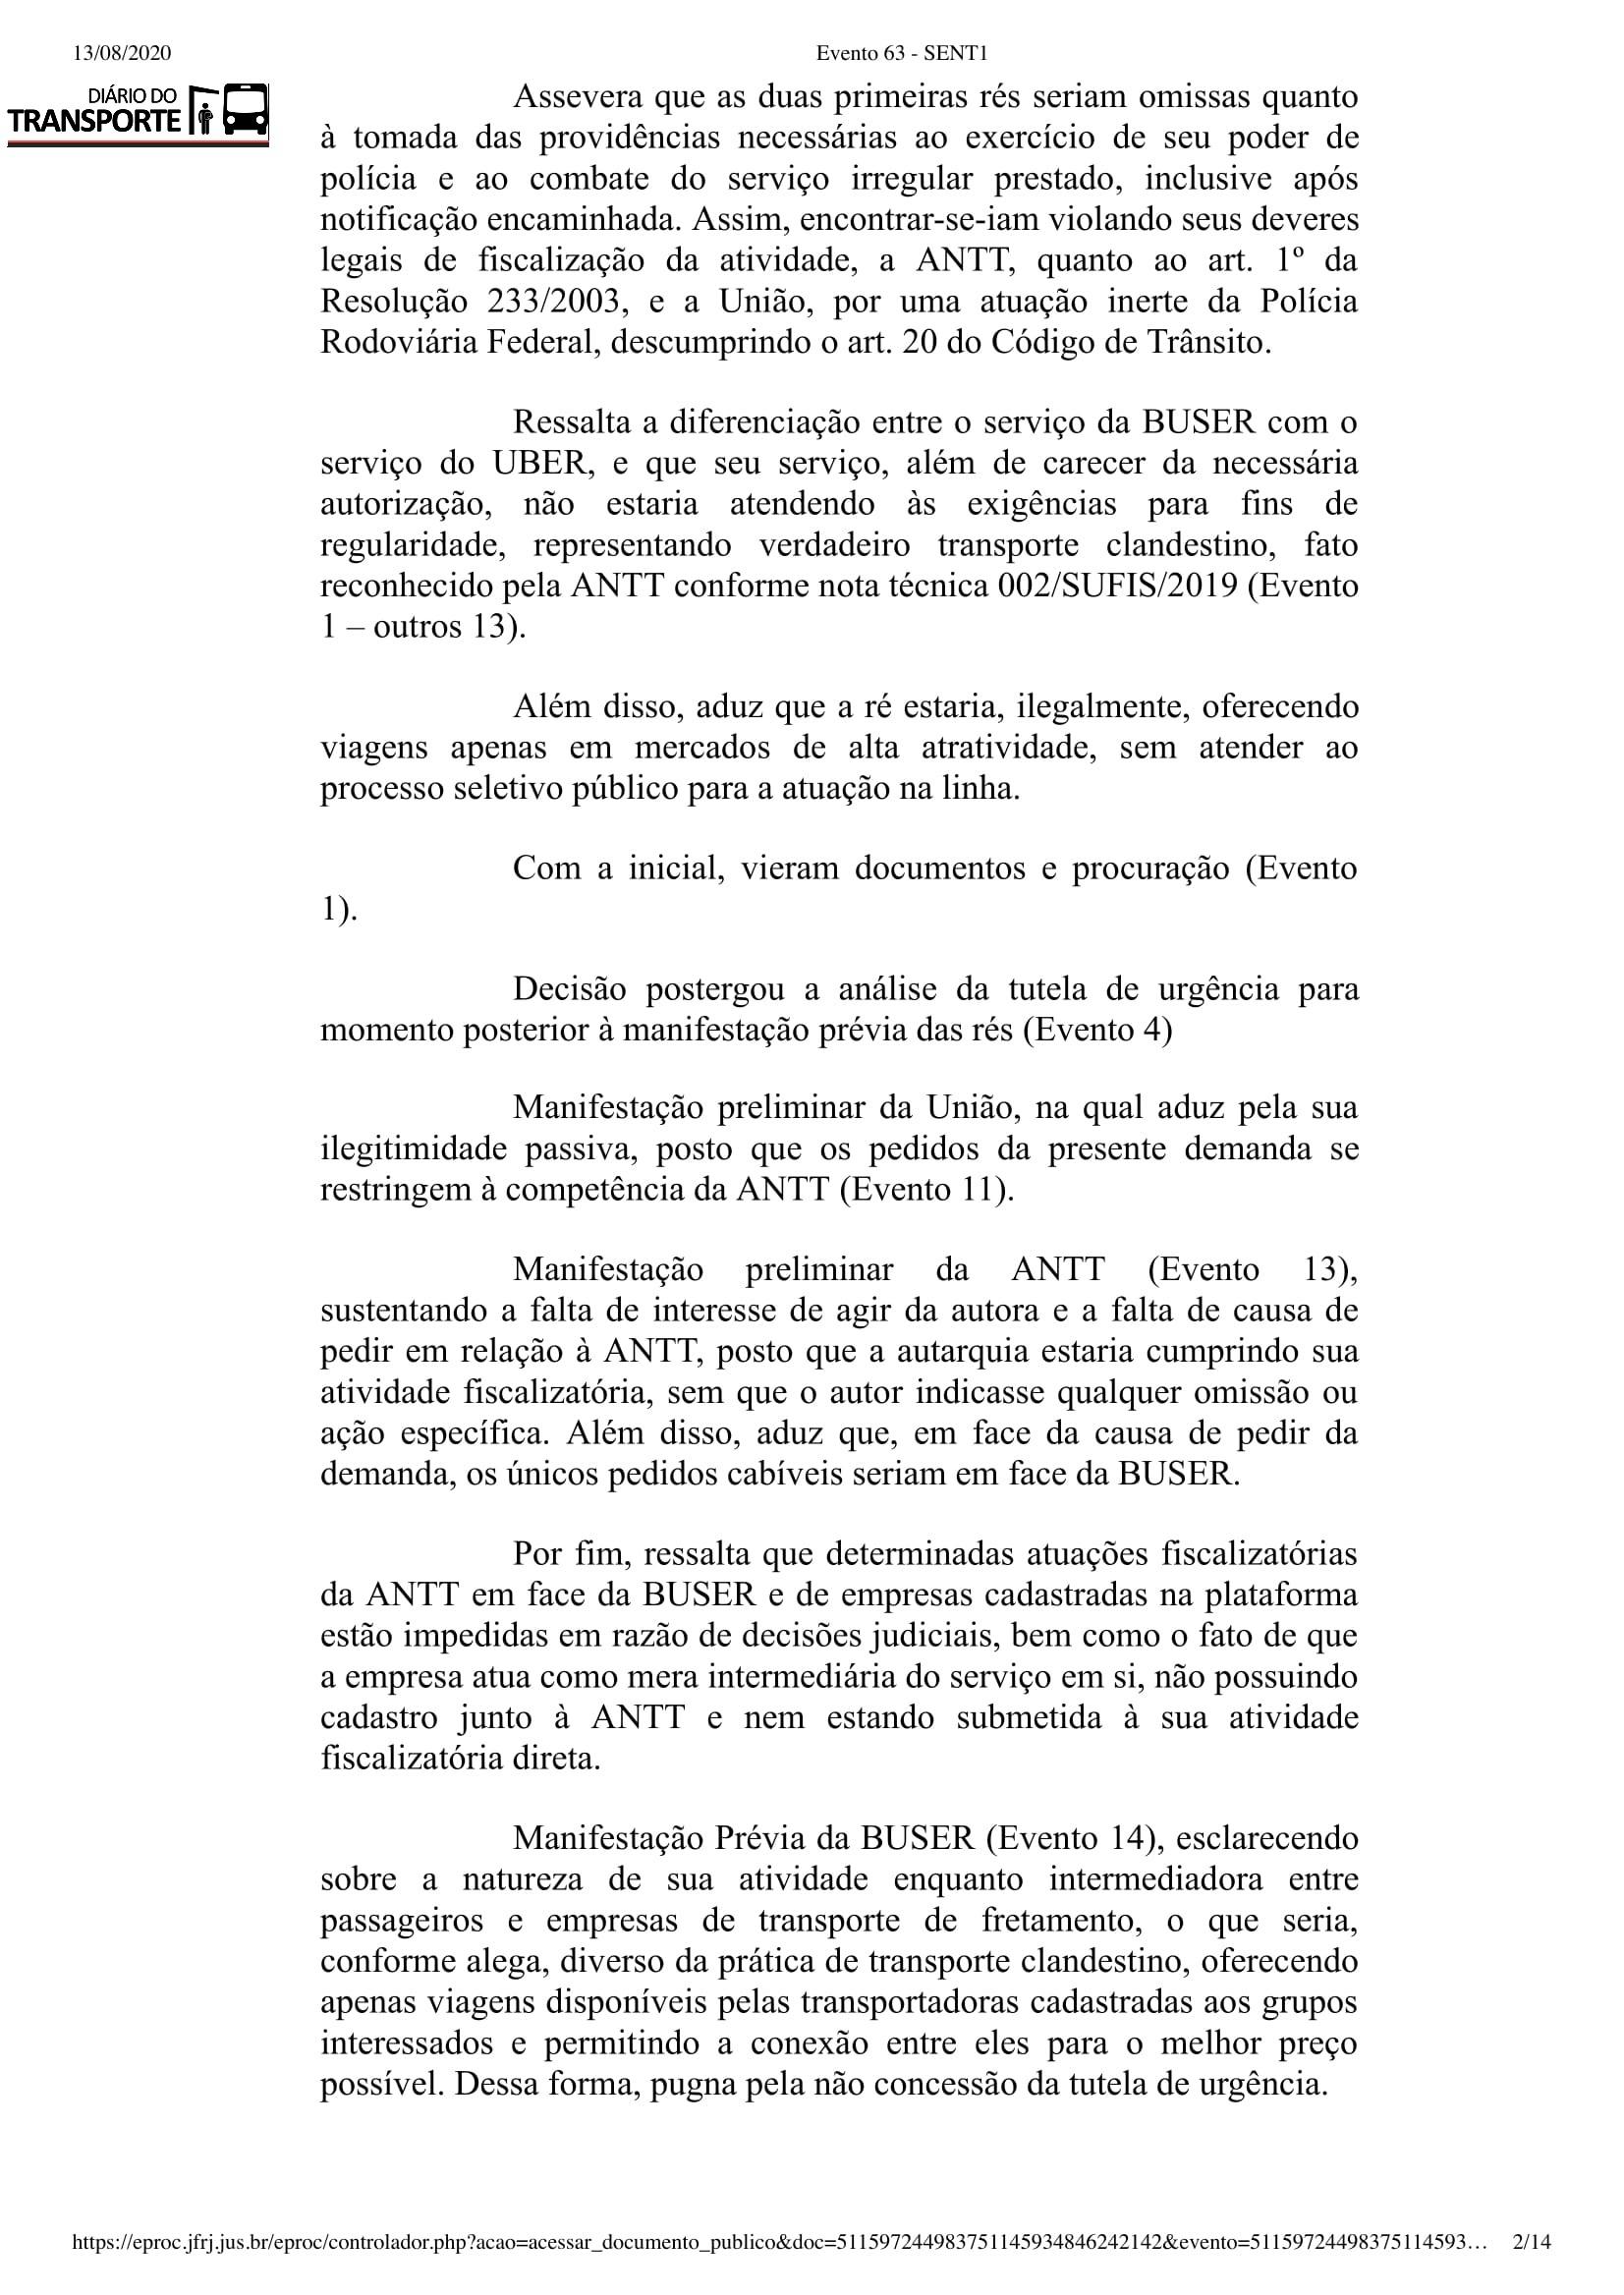 Sentença-14-paginas-02